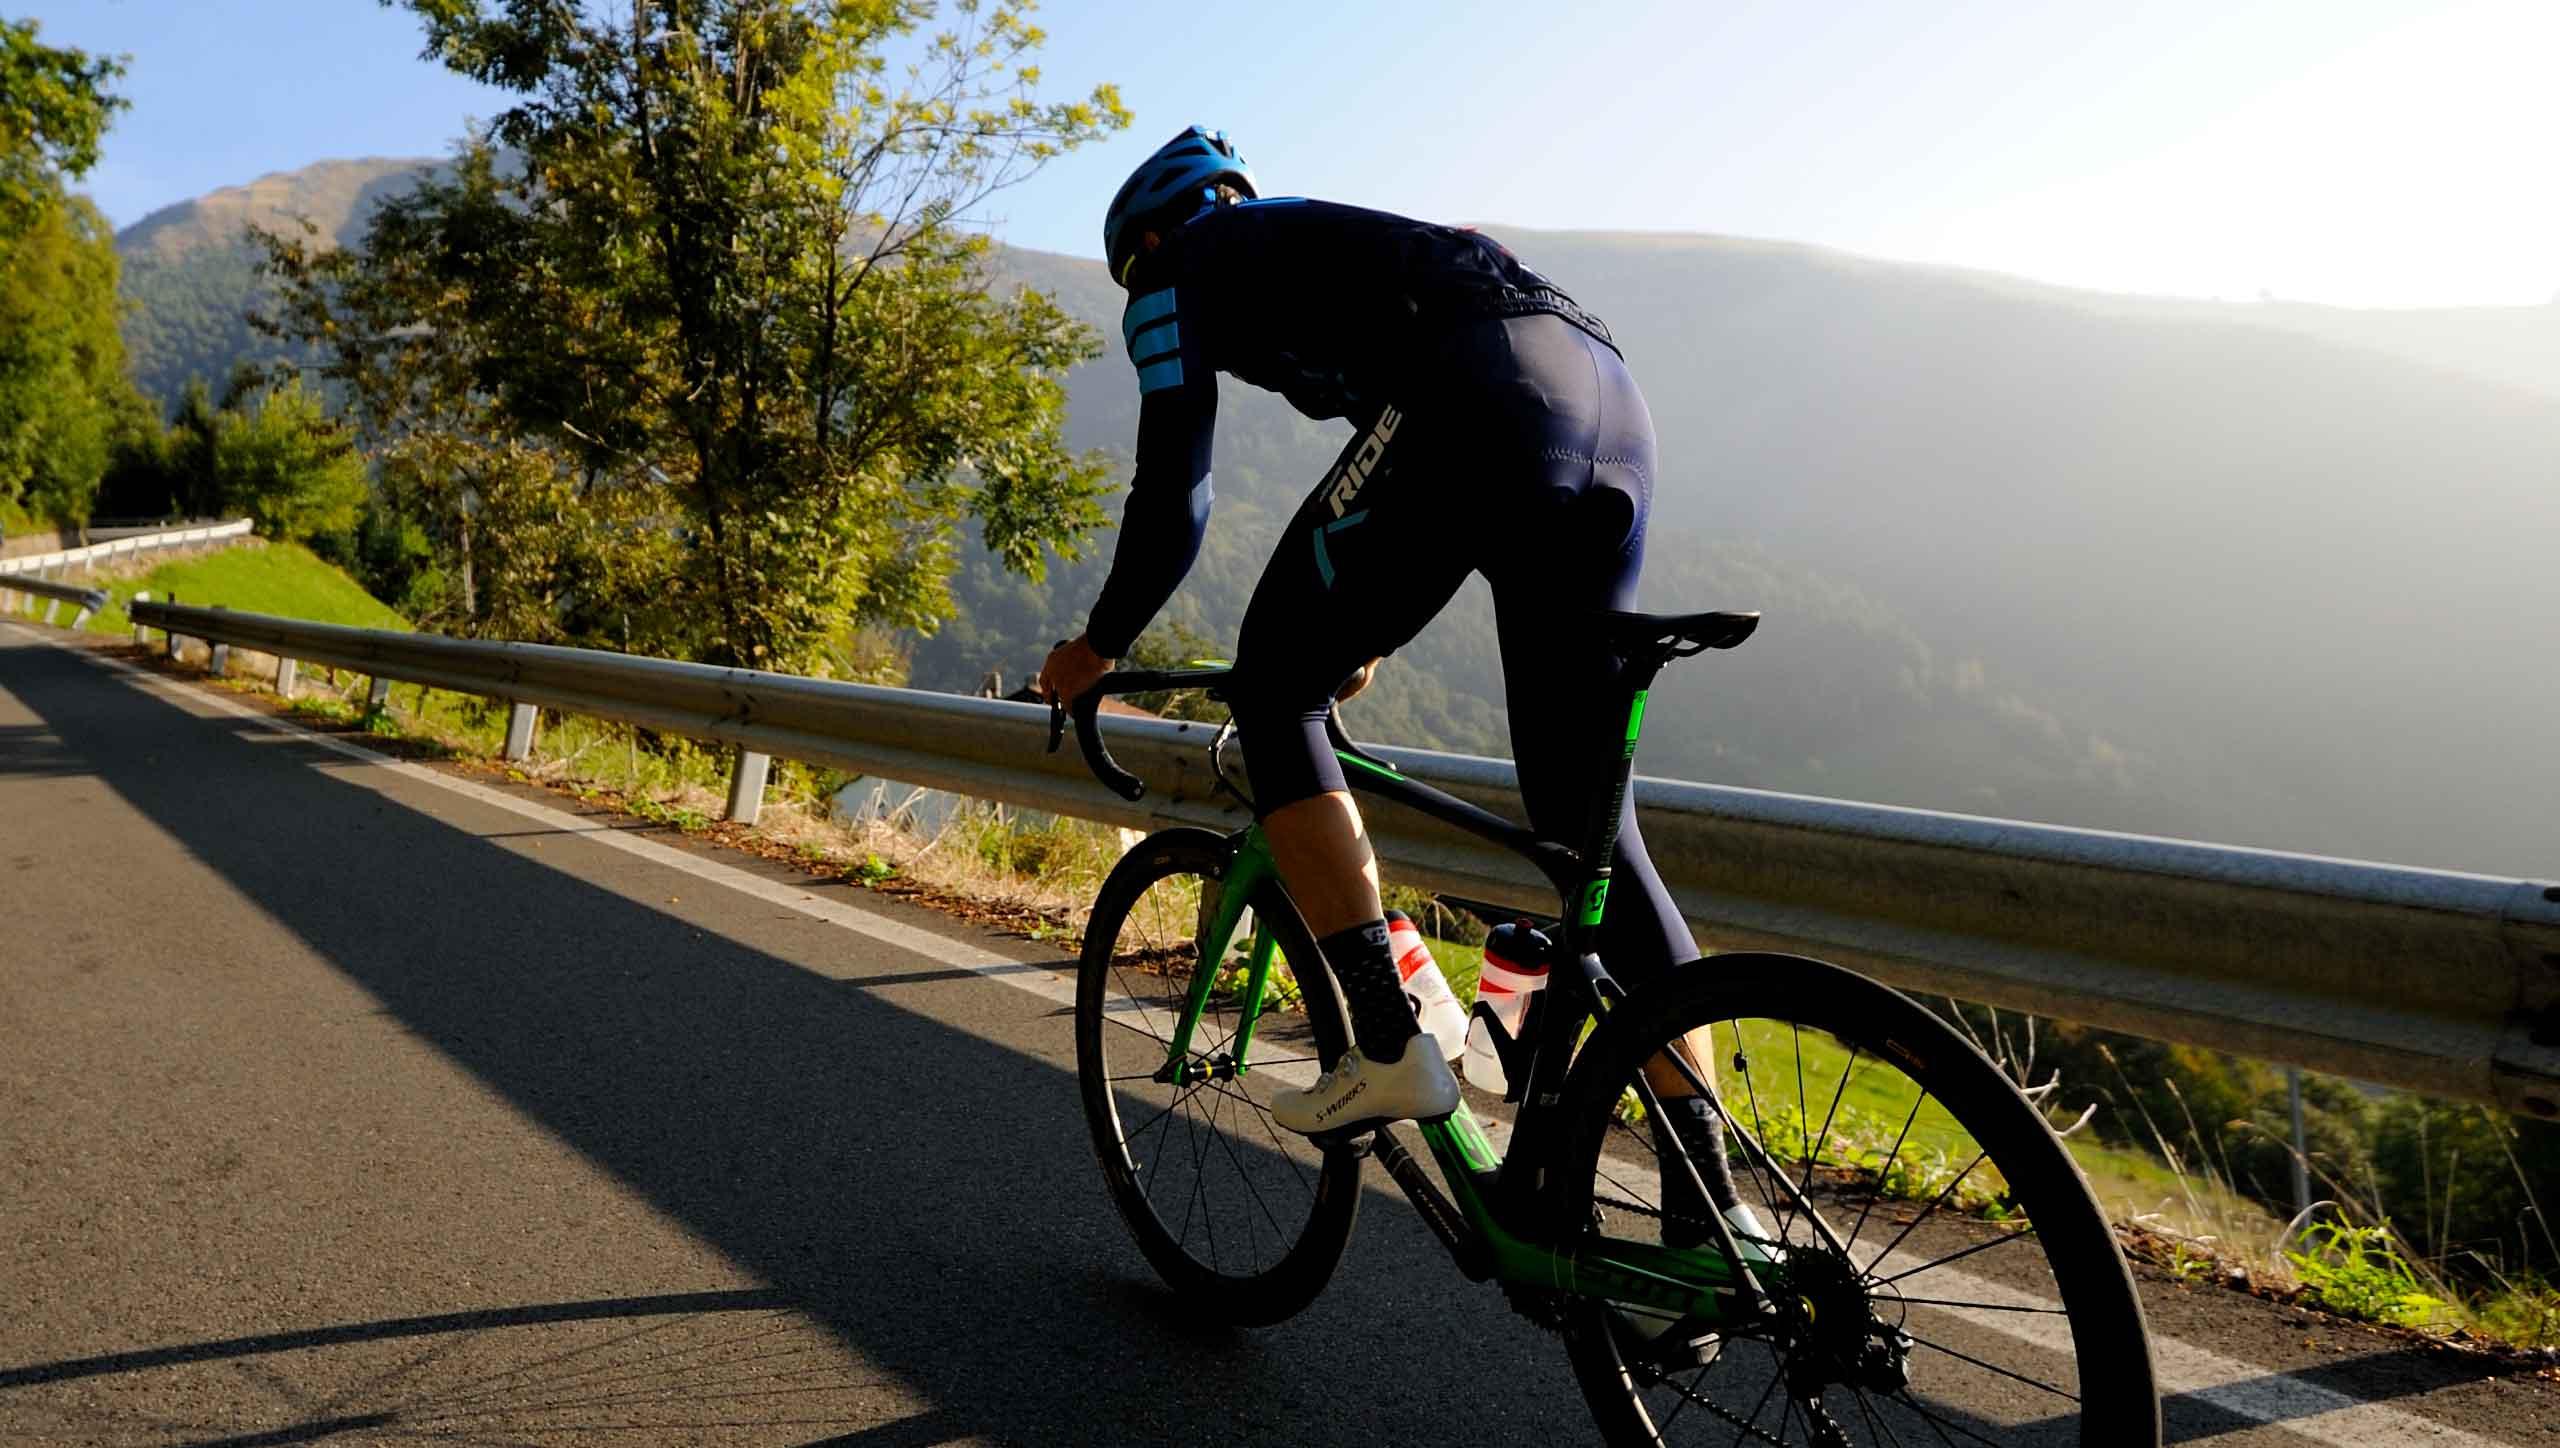 Scegli il fondello più adatto alle tue esigenze da ciclista